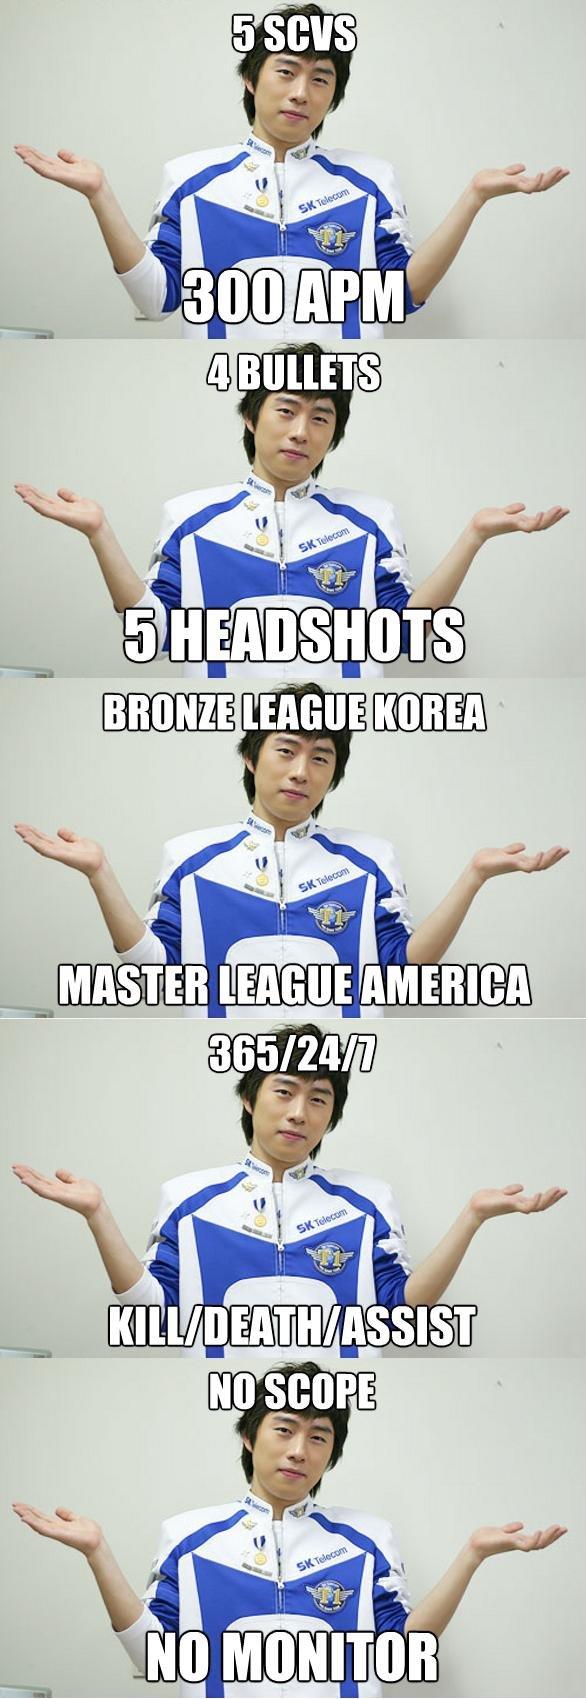 Korean Gamer meme. .. worst at math in korean class 4 years ahead of american classes